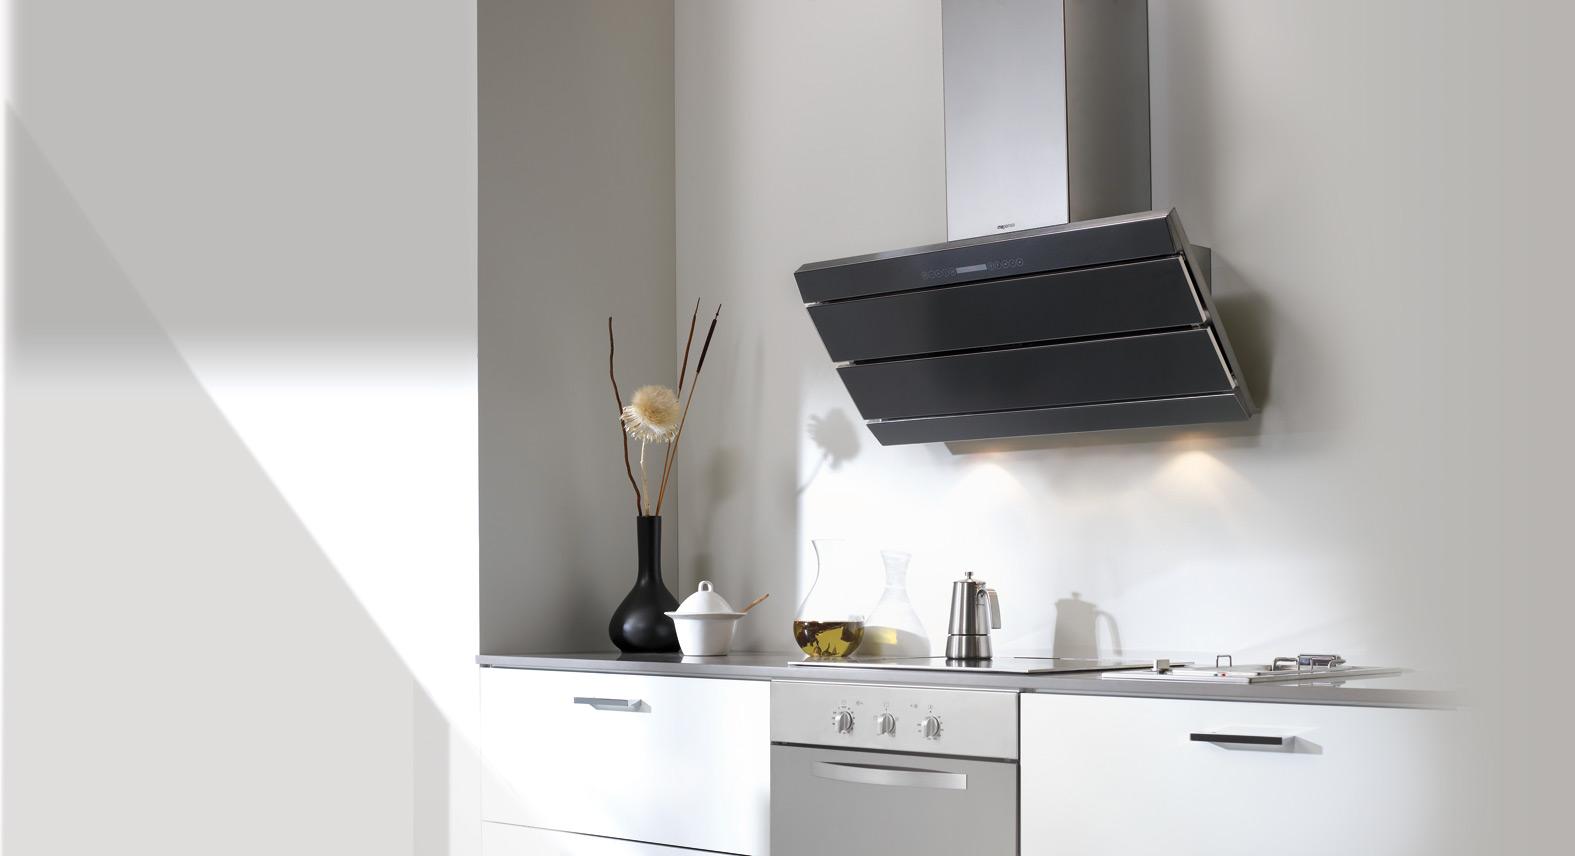 Campanas extractoras adi s a los malos humos la prensa - Campanas de cocina modernas ...